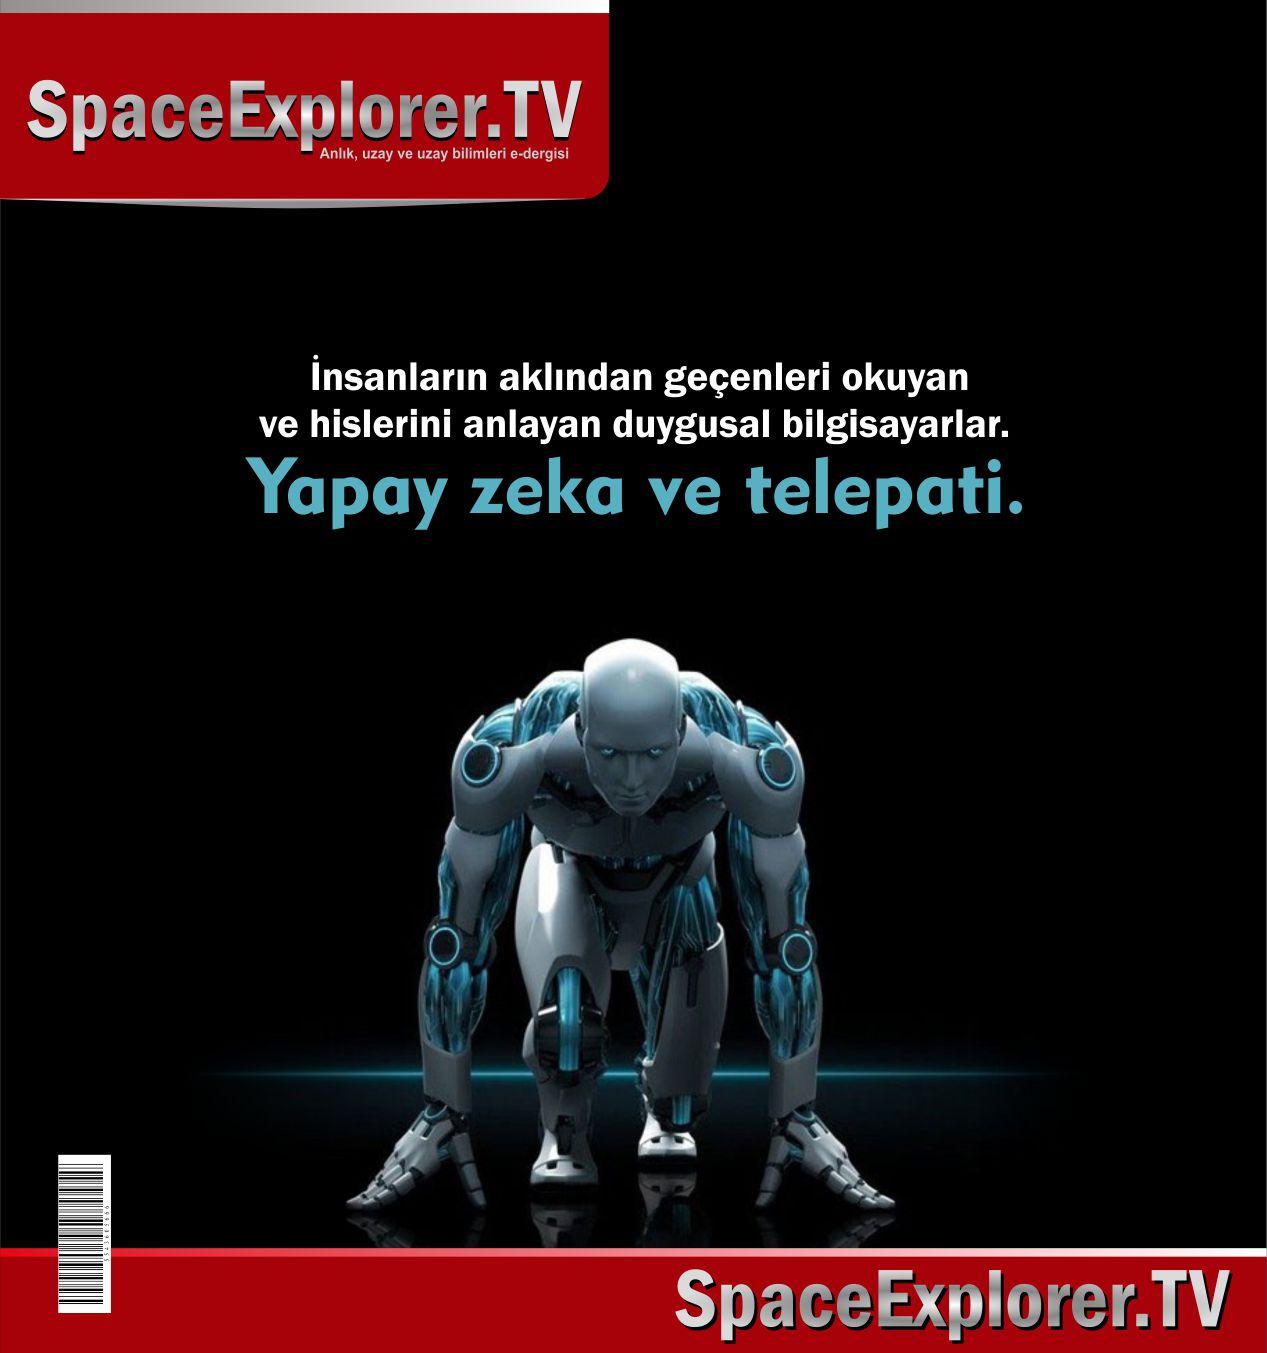 Yapay zeka, Telepati, Kişisel telepatik ağlar, Robot teknolojisi, Duygusal zeka, insansı robotlar, Zihin kontrolü, Beyin kontrolü, Elektromanyetik savaş,